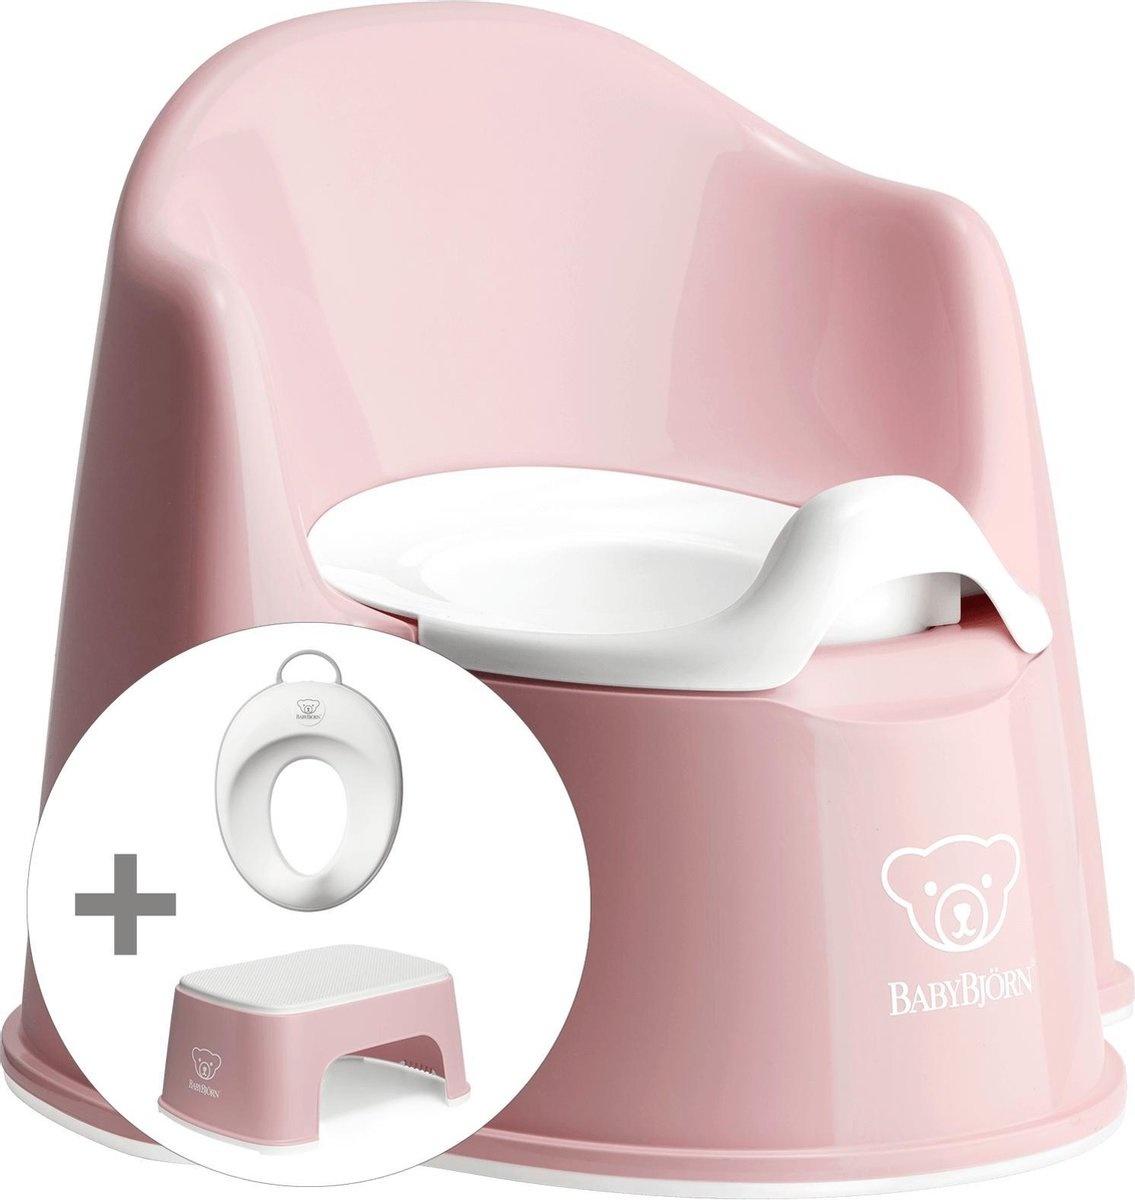 BABYBJÖRN Babybjörn startpakket bestaande uit Plaspotje Zetel, Opstapkrukje en Toilettrainer - Paste